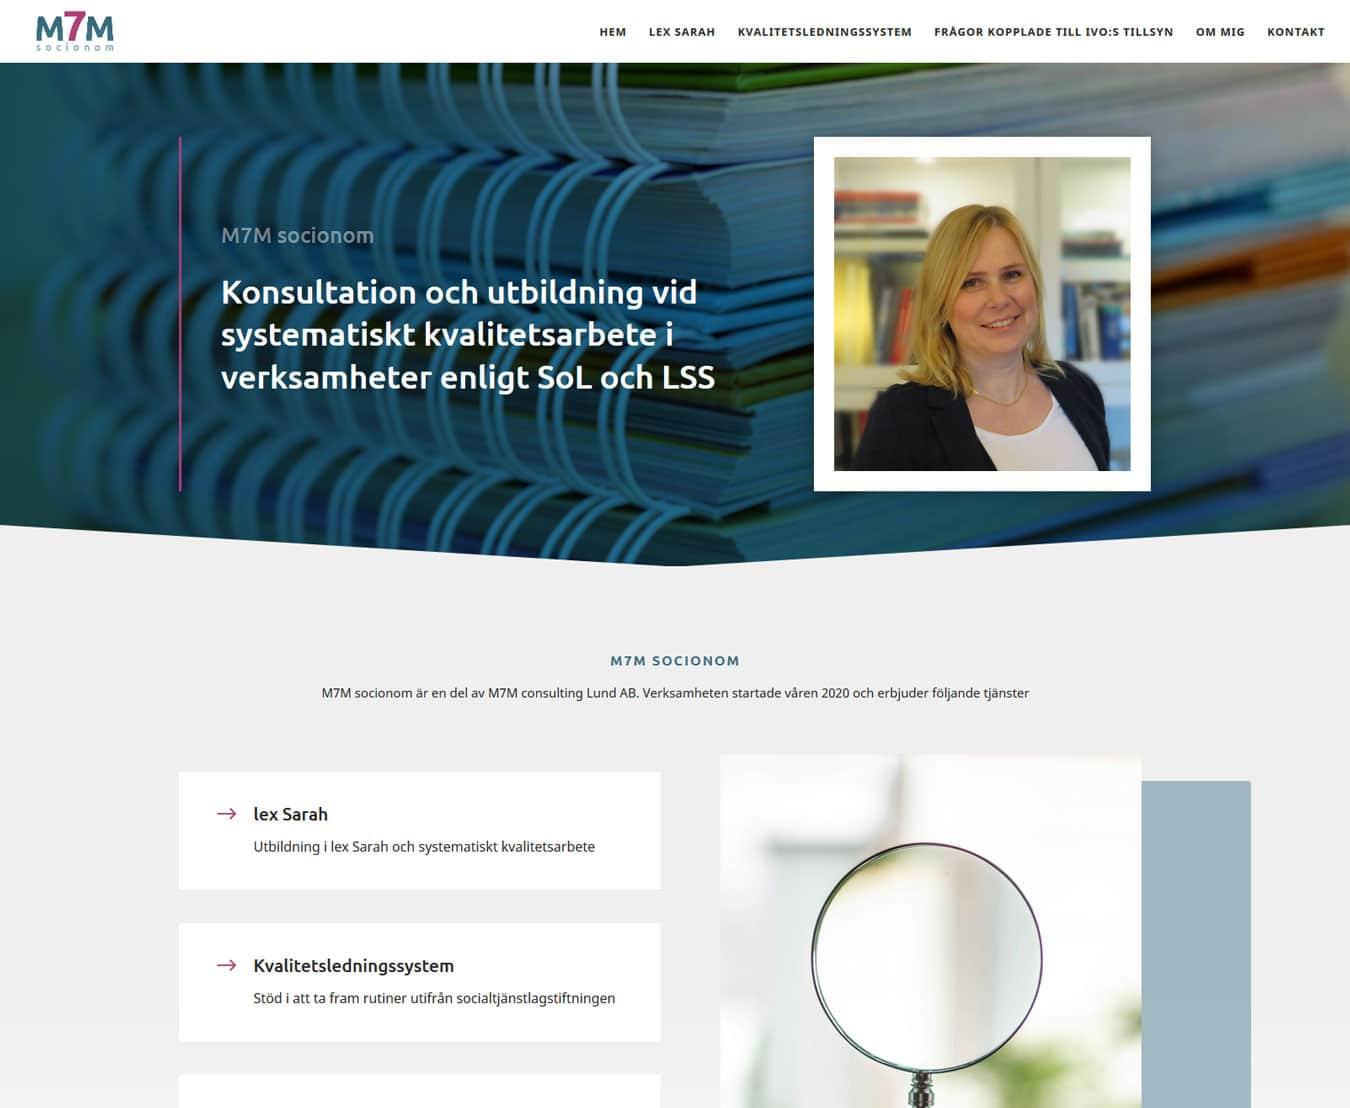 Ny hemsida till konsultföretag i Lund